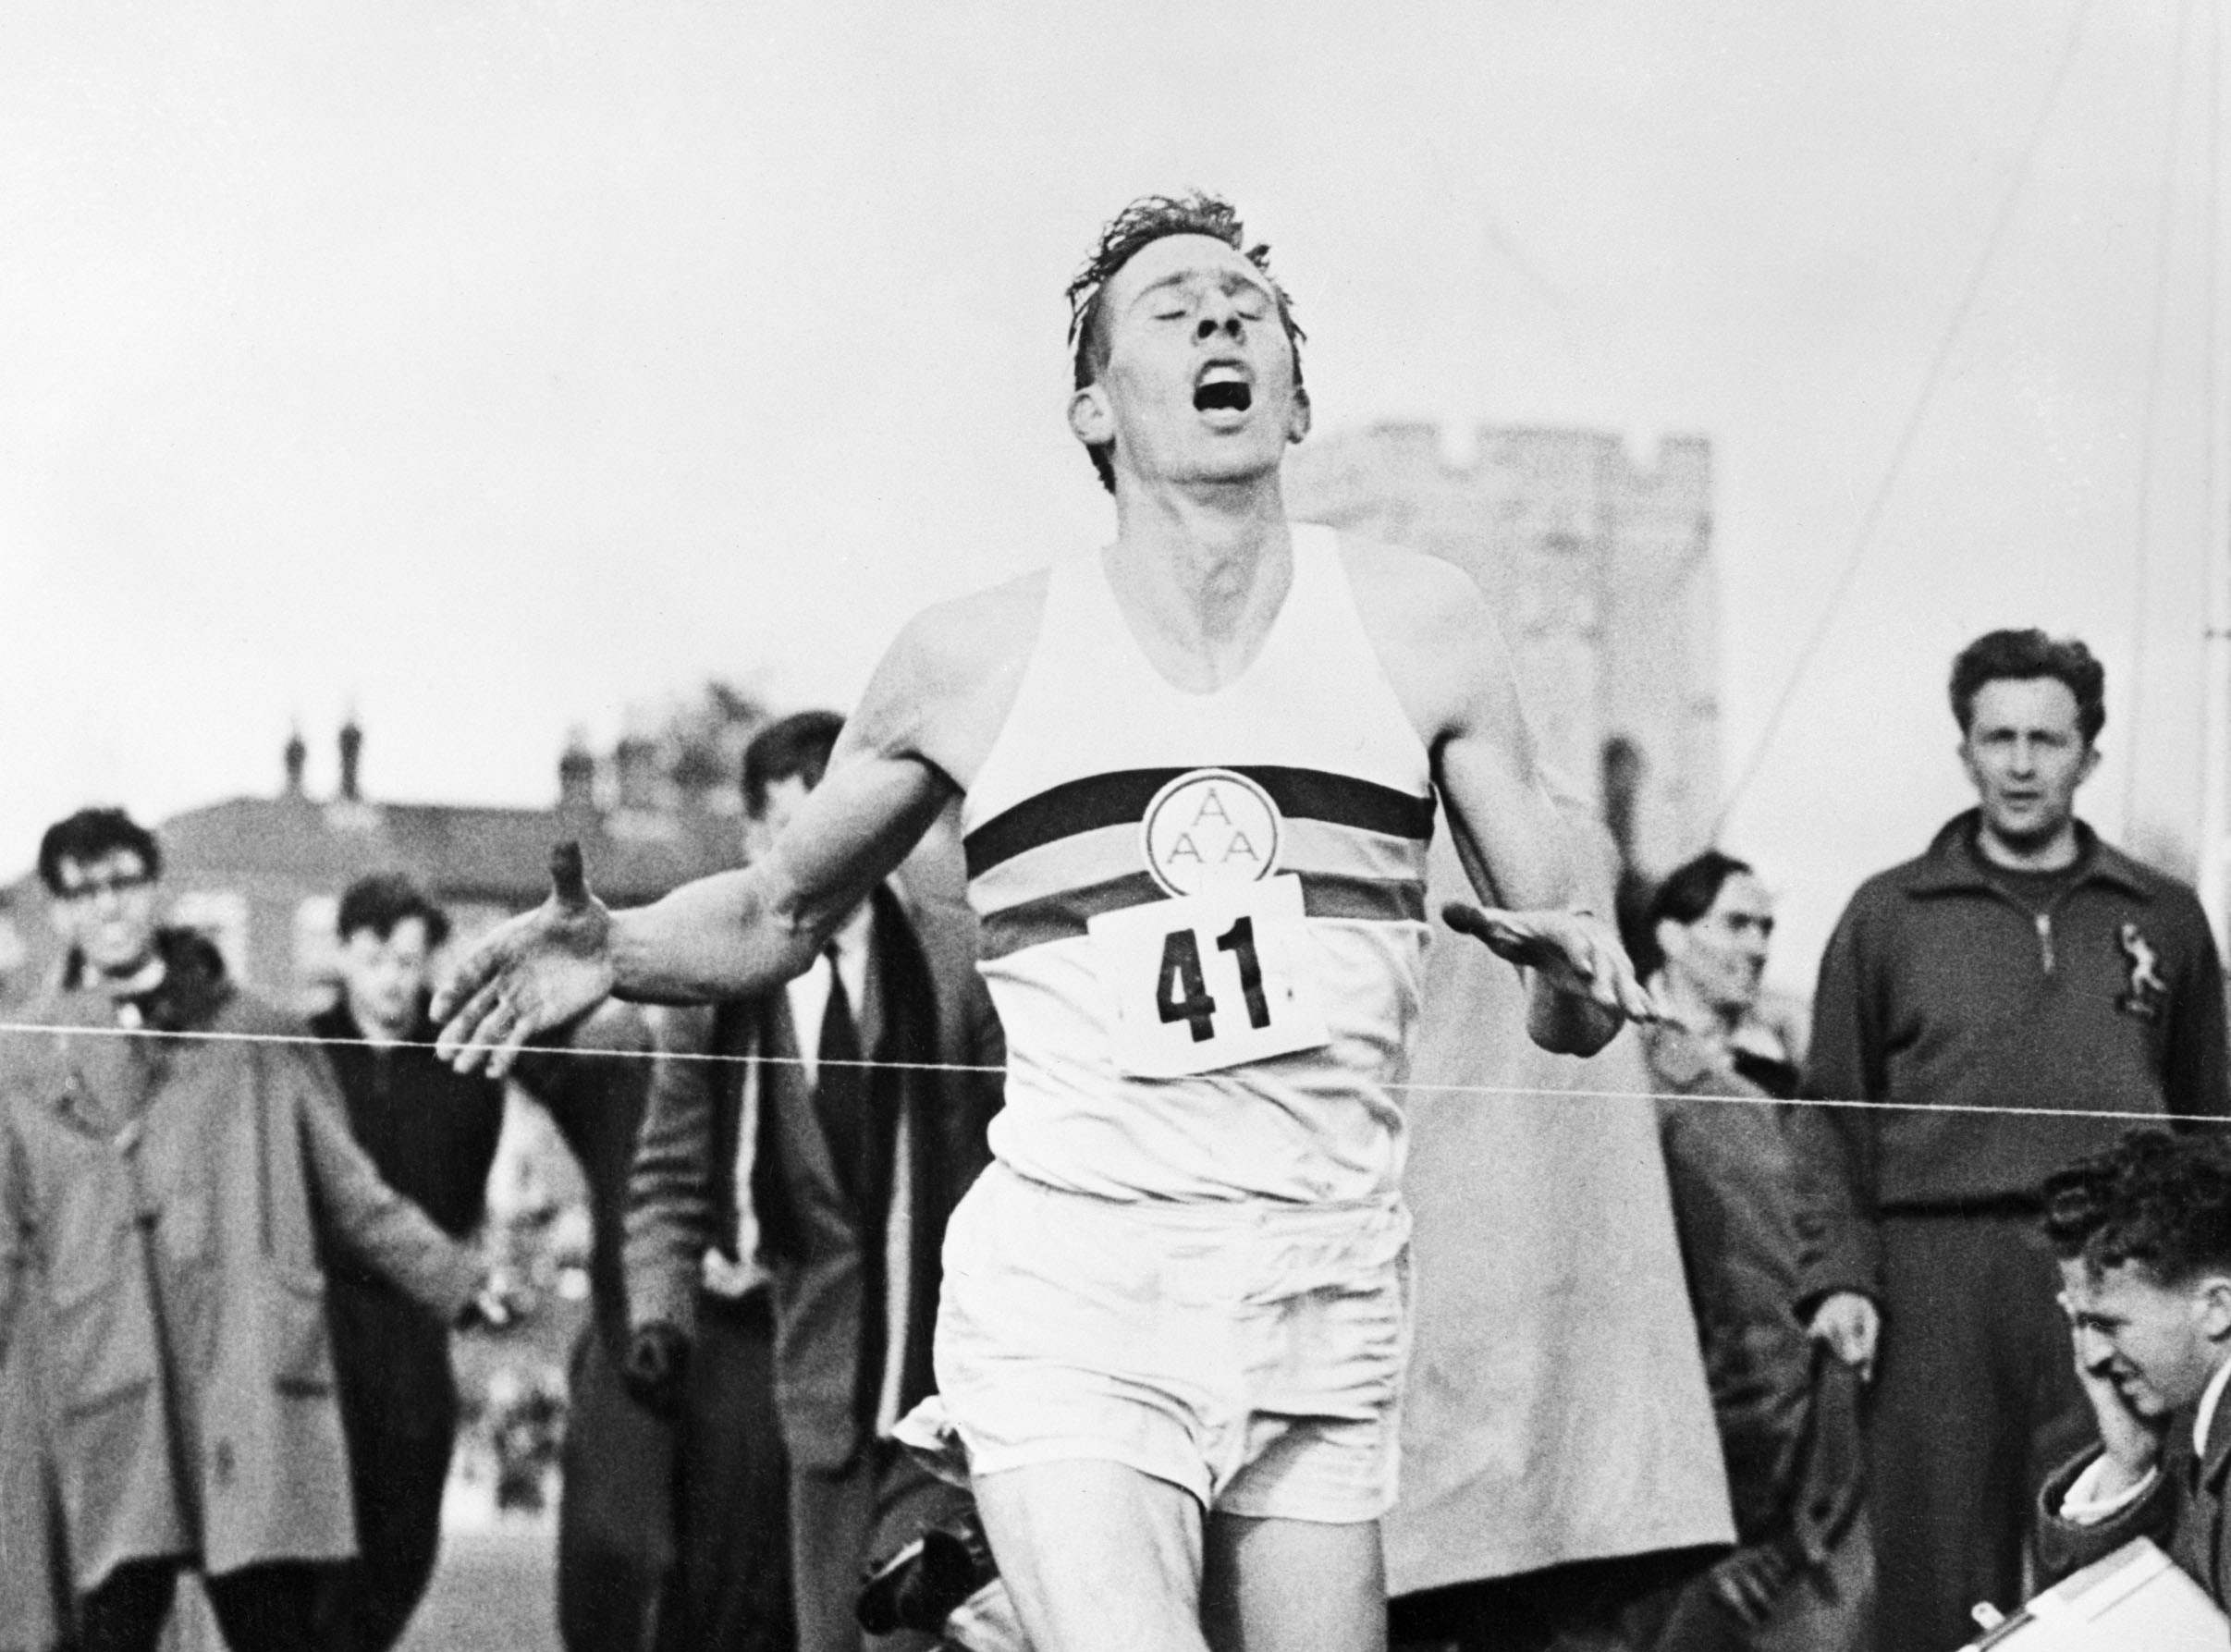 RIP Sir Roger Bannister. 4 petites minutes en sa mémoire !